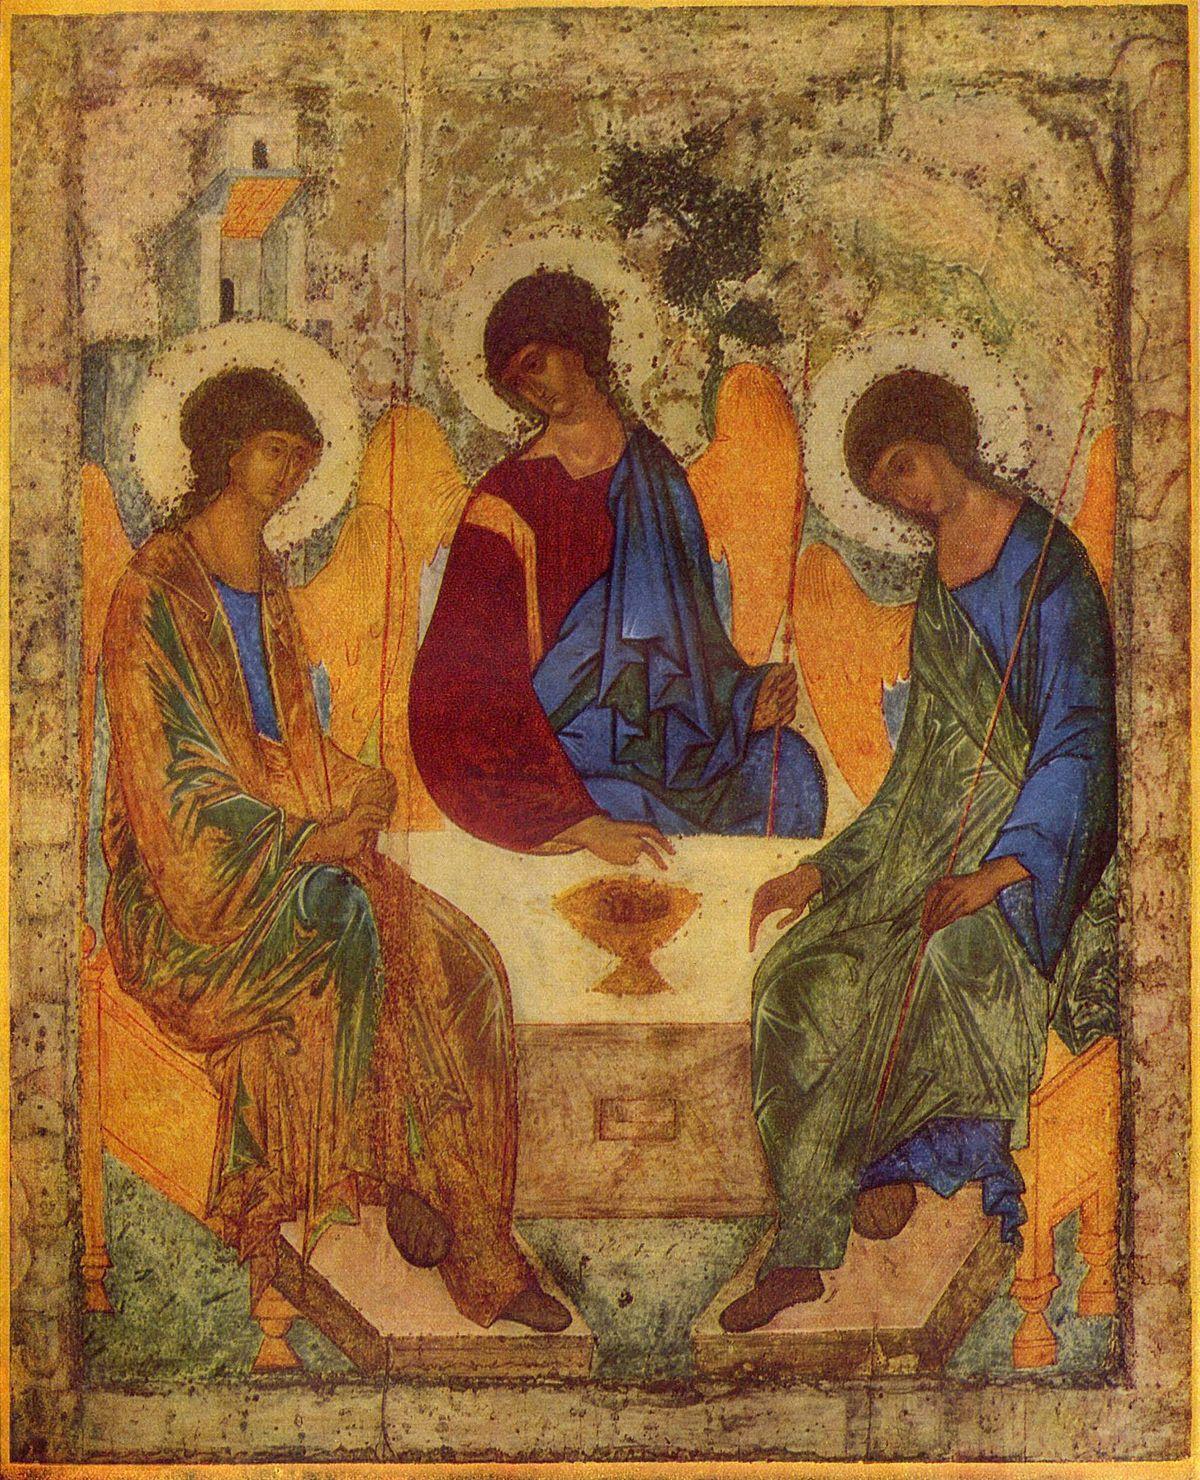 В Пятидесятницу над апостолами свершилось крещение «Духом святым и огнем» / fr.wikipedia.org